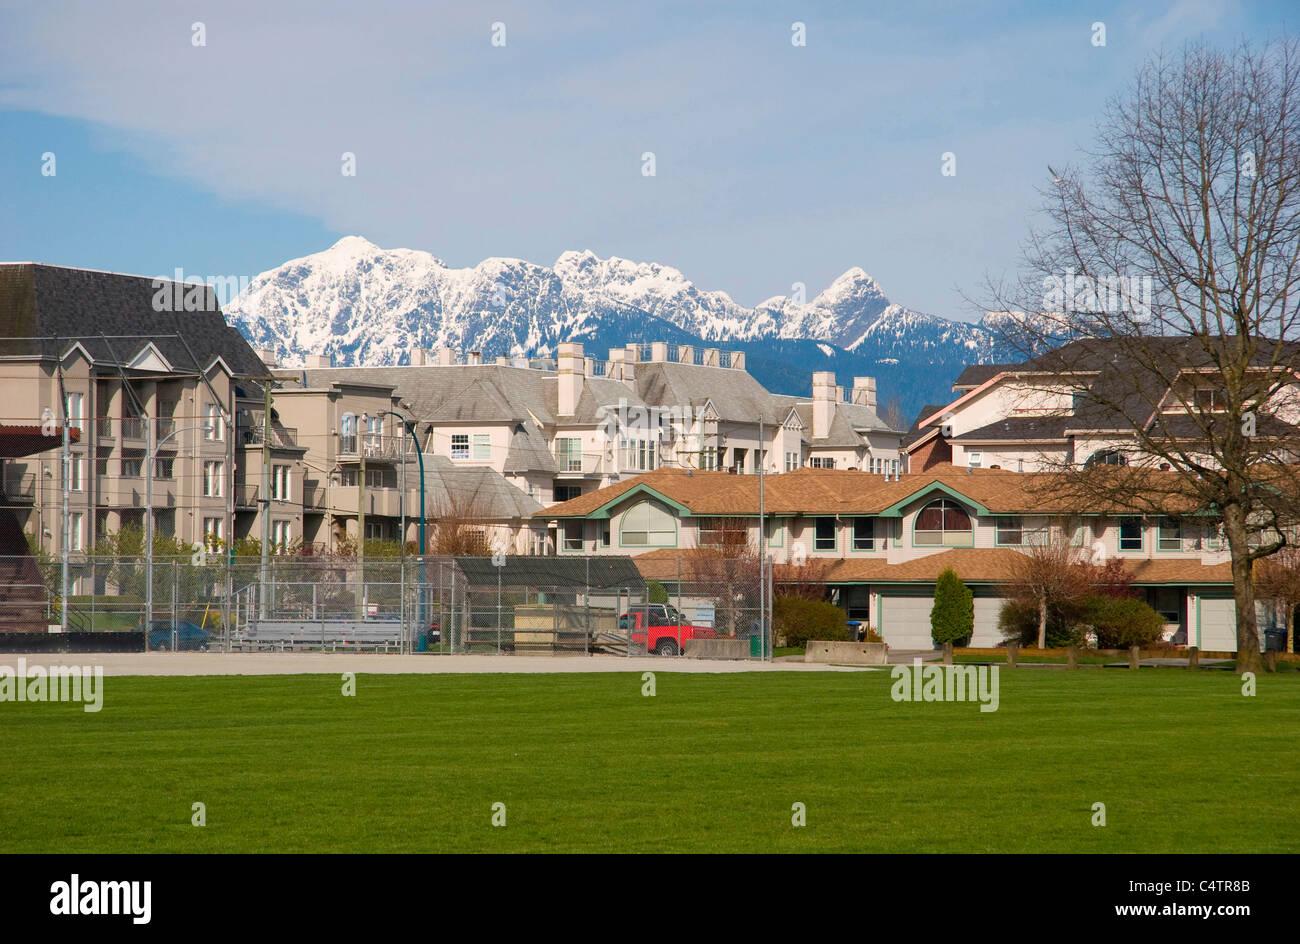 Maisons et condos avec Golden Ears montagnes derrière, Port Coquitlam, BC, Canada Banque D'Images